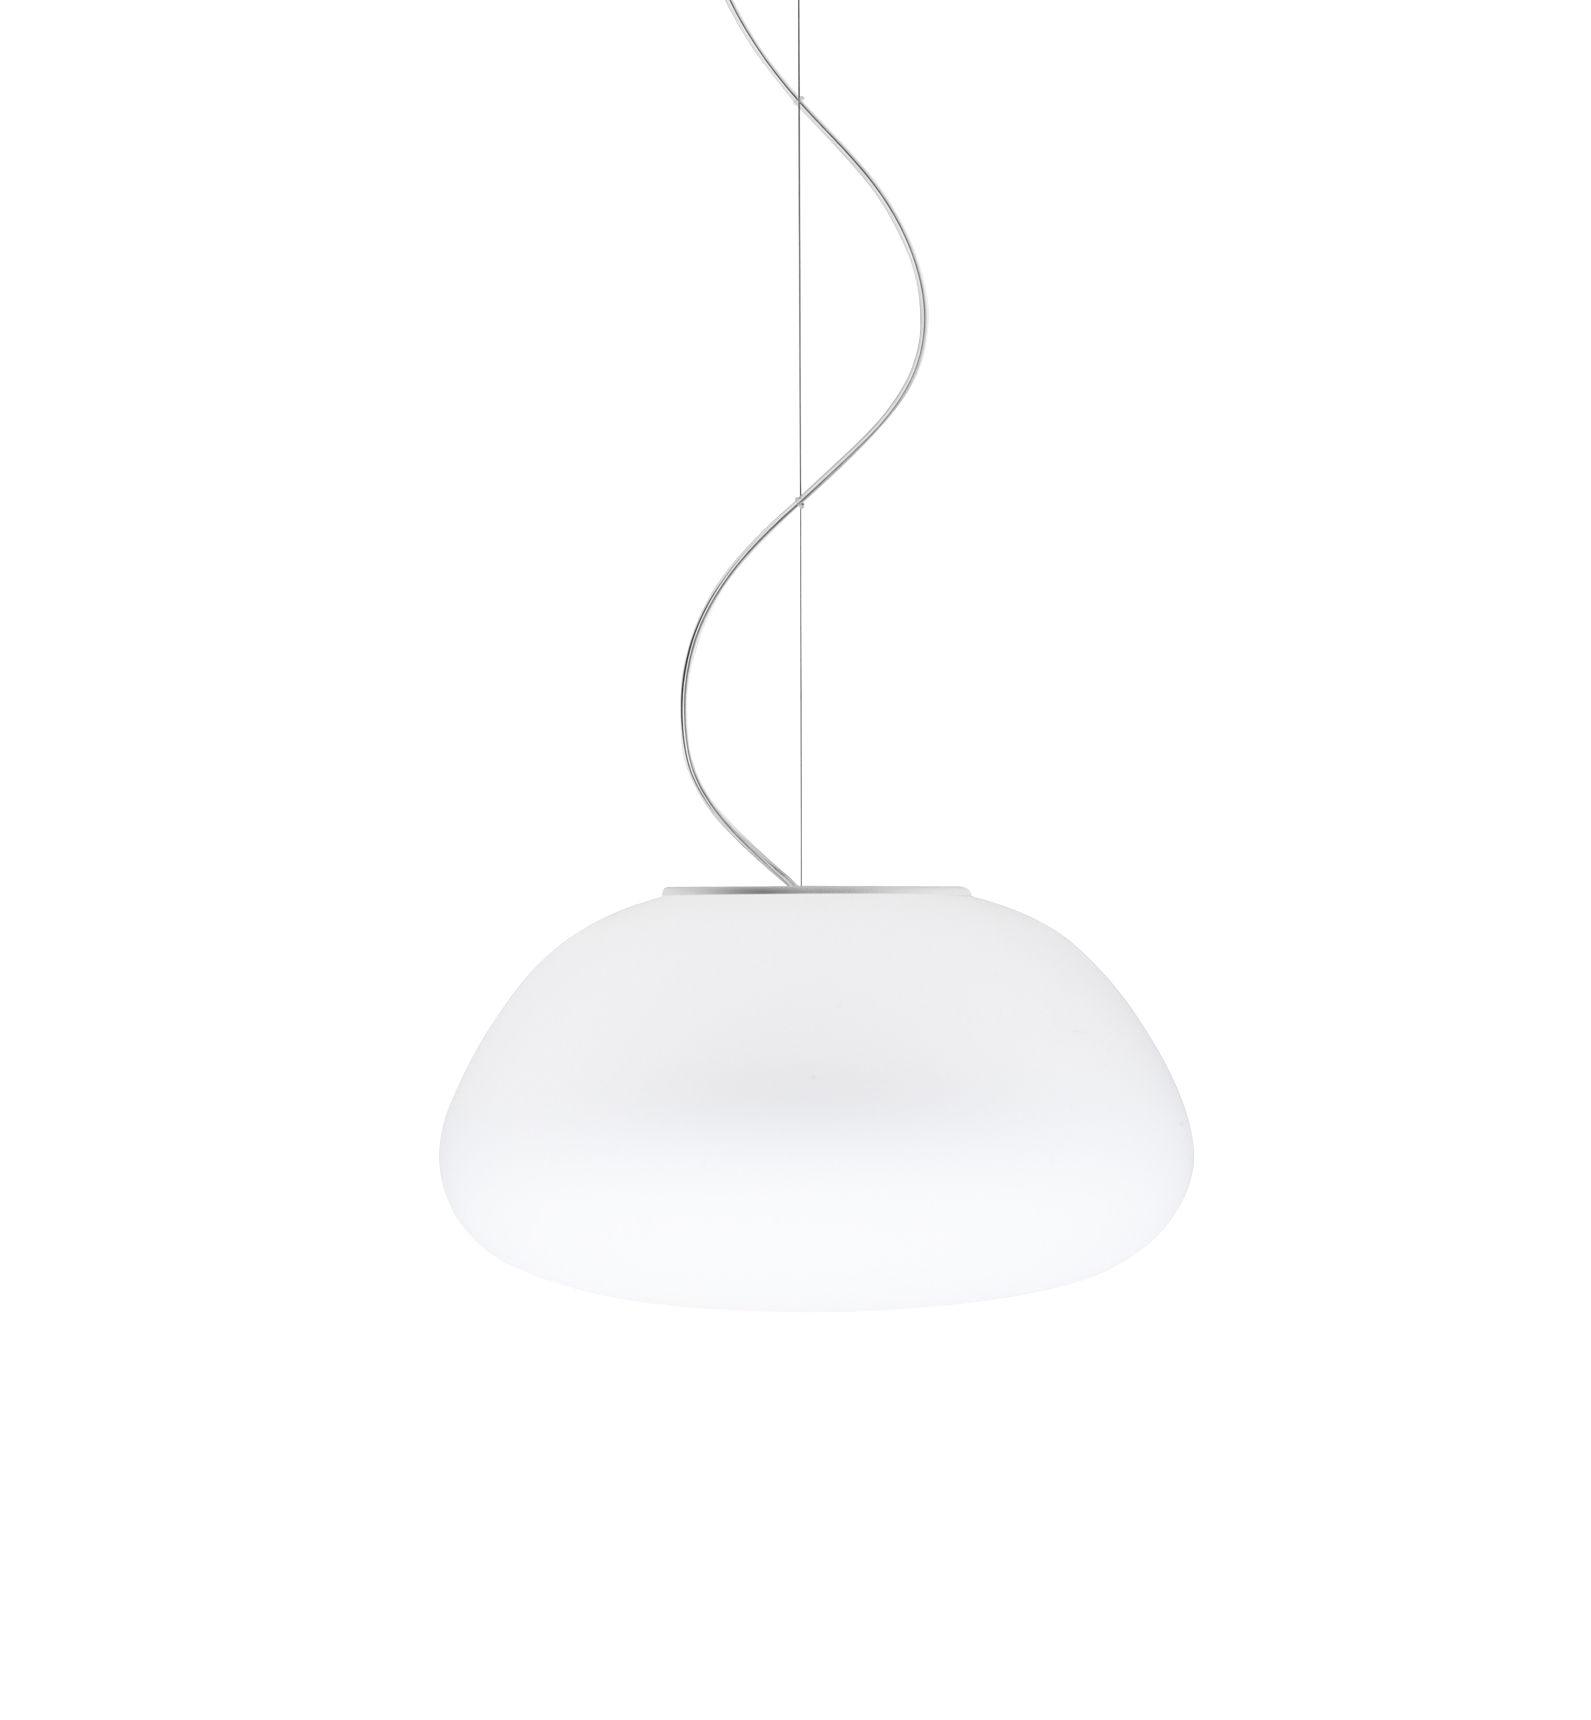 Lighting - Pendant Lighting - Poga LED Pendant - / Ø 42 cm by Fabbian - White - Blown glass